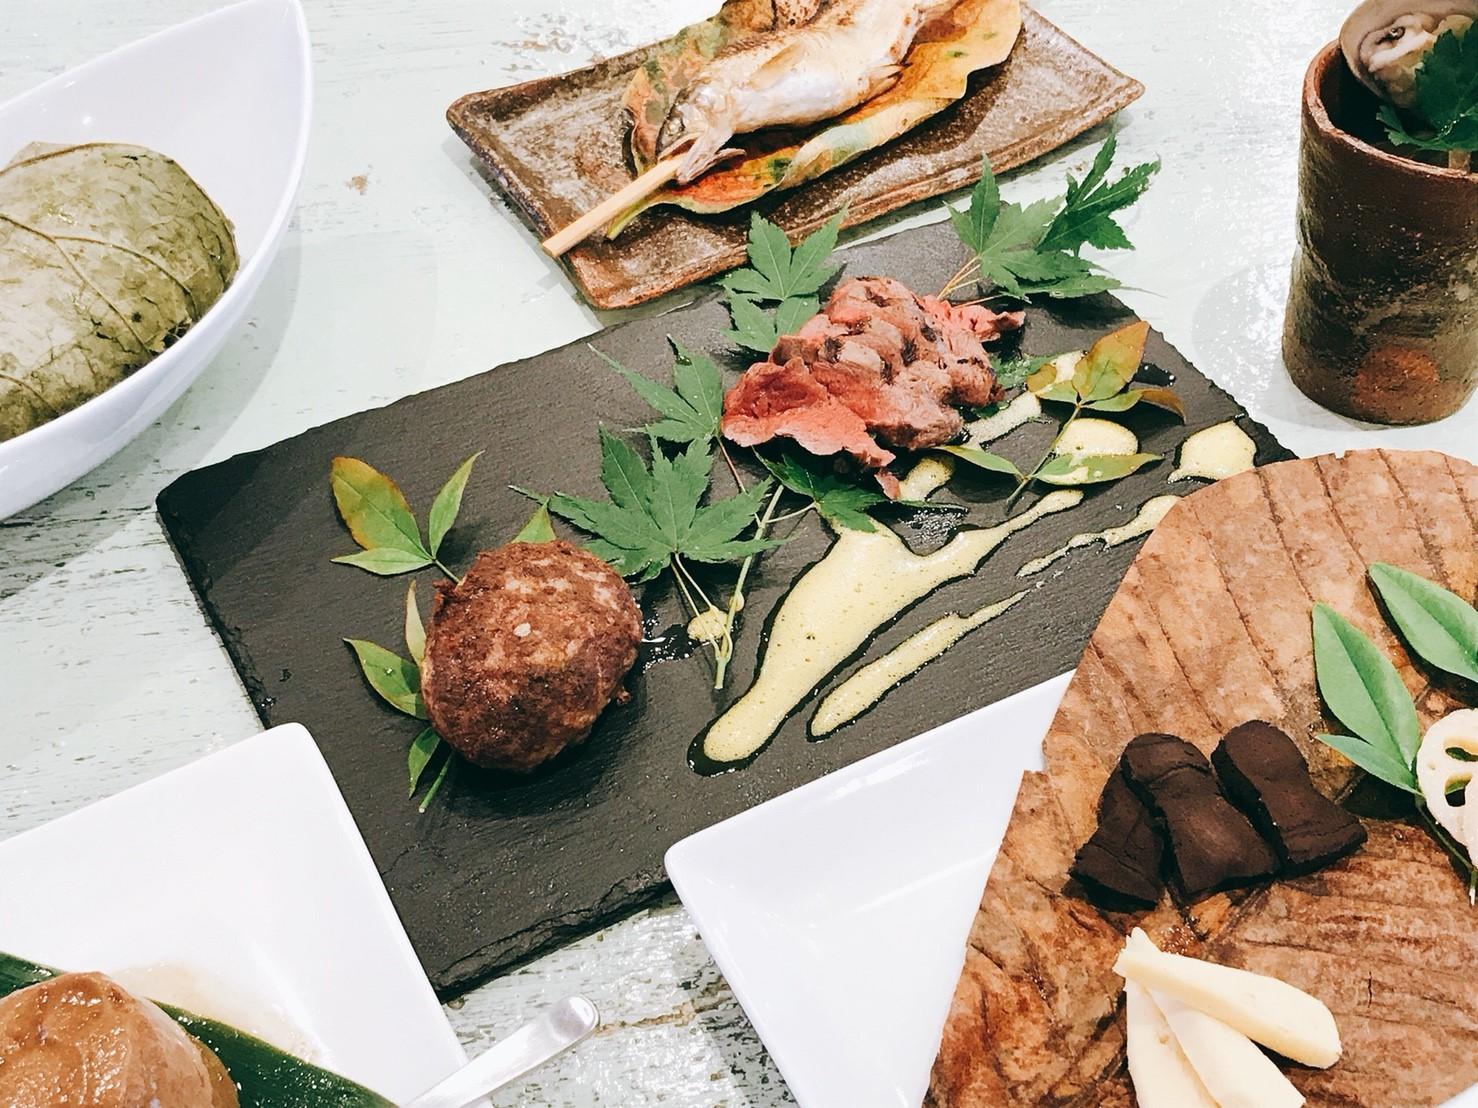 「古墳ディナー」や「ハニワヨガ」が体験できる大コーフンツアー茨城で初開催